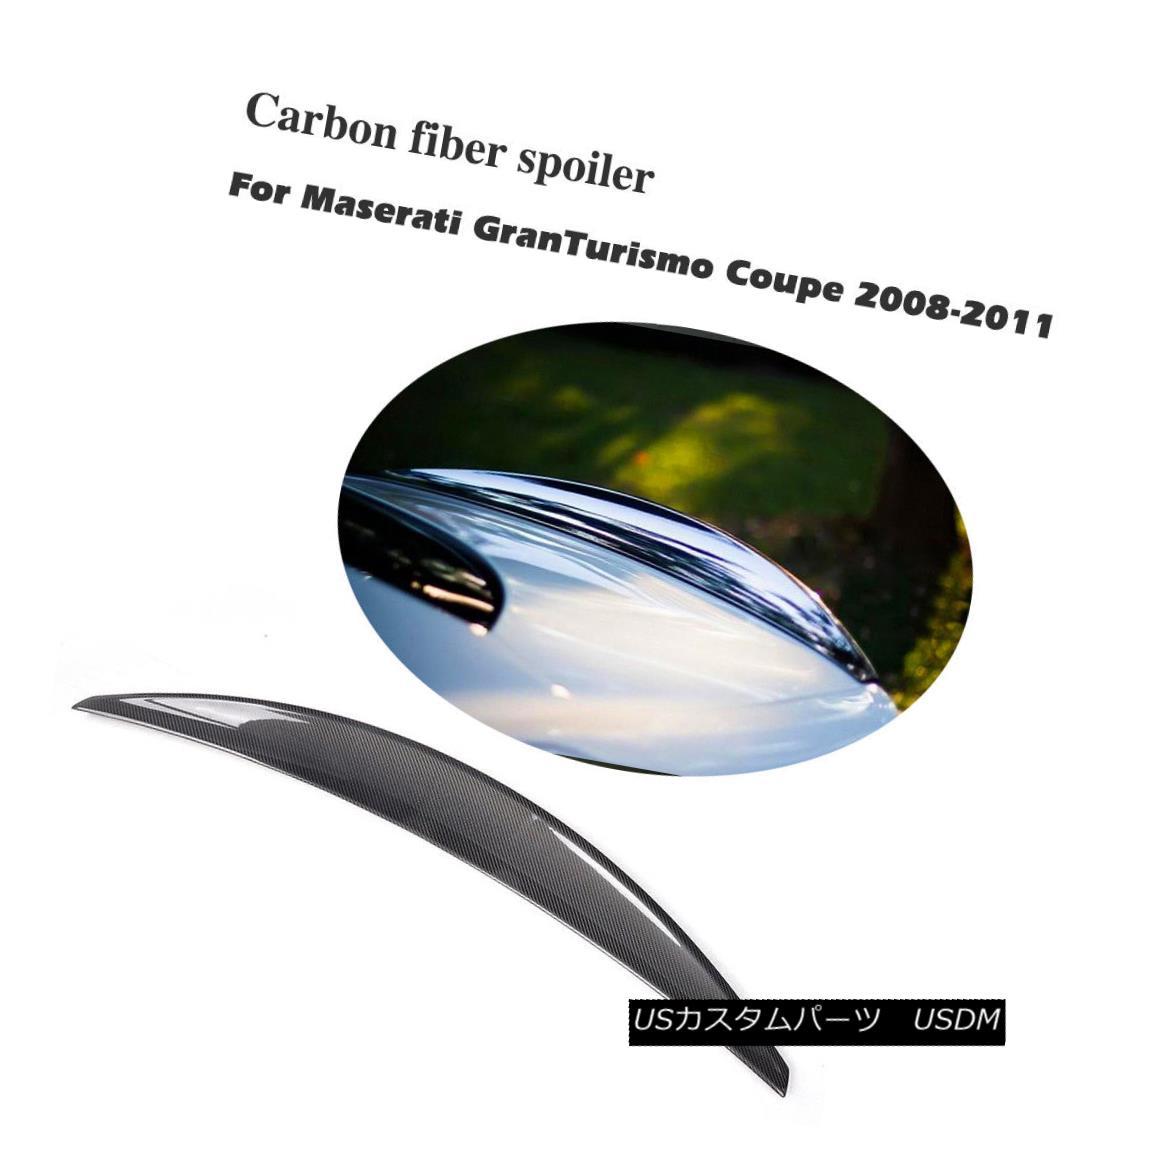 エアロパーツ Carbon Fiber Rear Spoiler Lip Wing Fit for Maserati GranTurismo Coupe 2008-2011 マセラティGranTurismo Coupeのカーボンファイバーリアスポイラーリップウイング適合